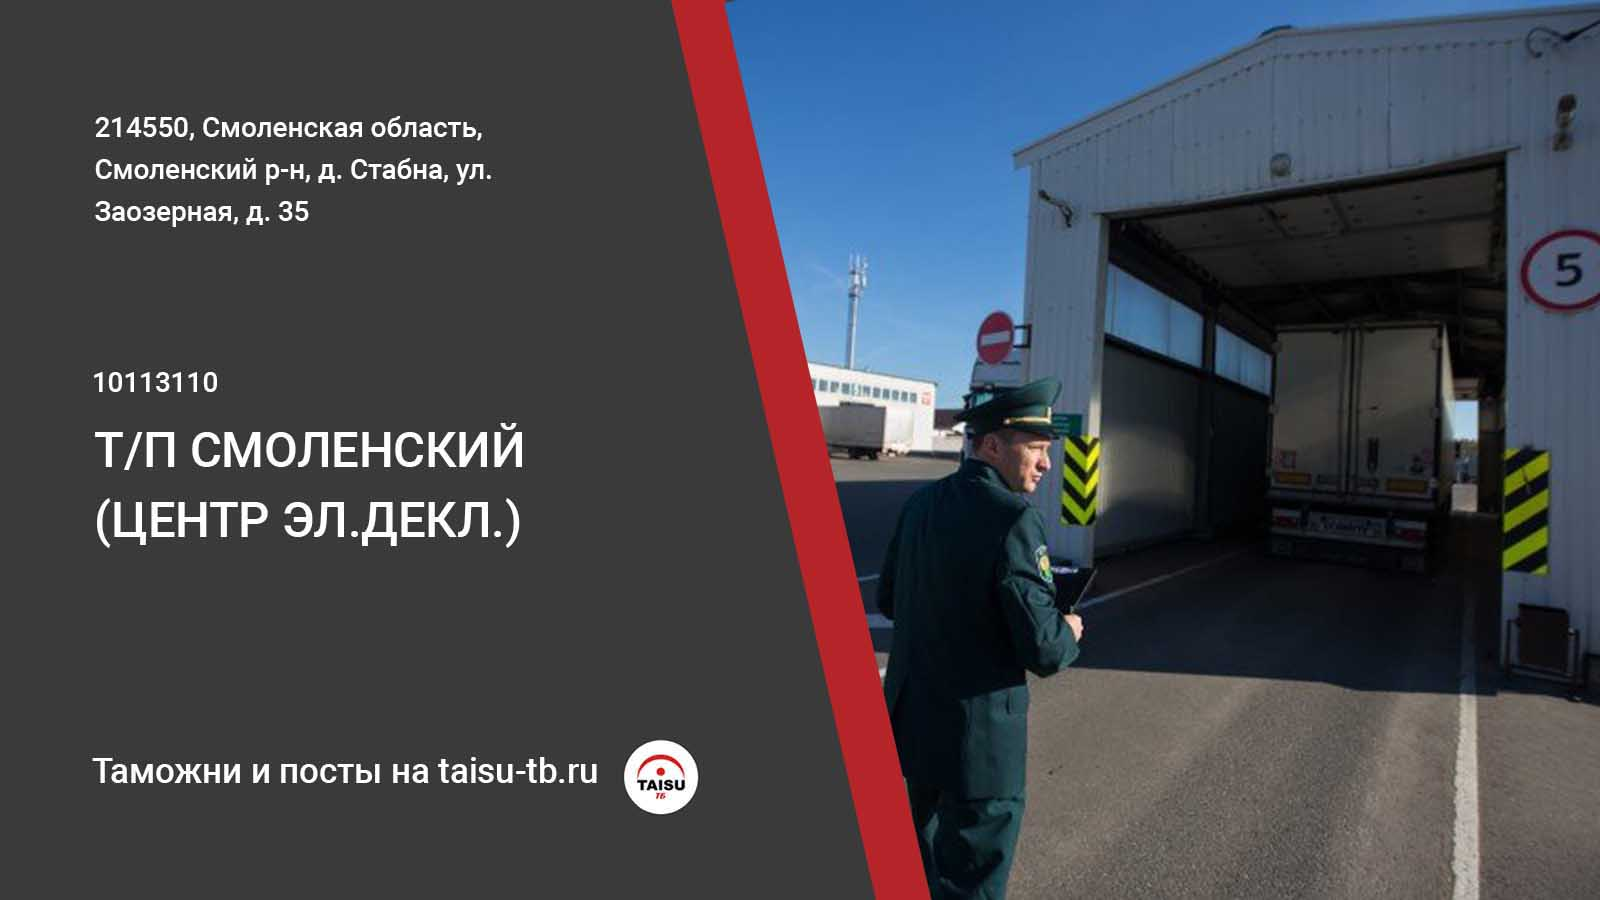 Смоленский таможенный пост (центр электронного декларирования)